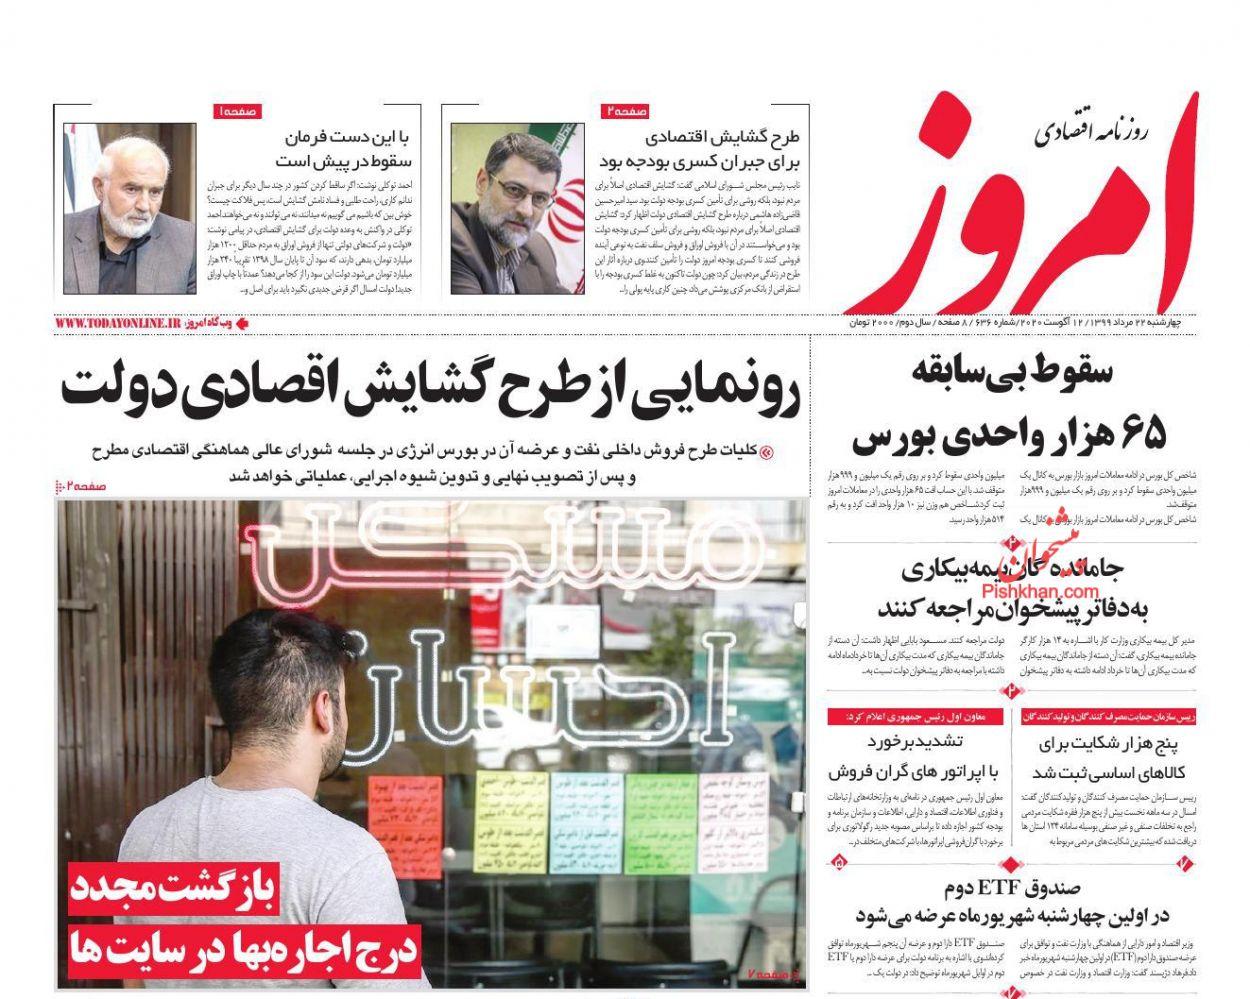 عناوین اخبار روزنامه امروز در روز چهارشنبه ۲۲ مرداد